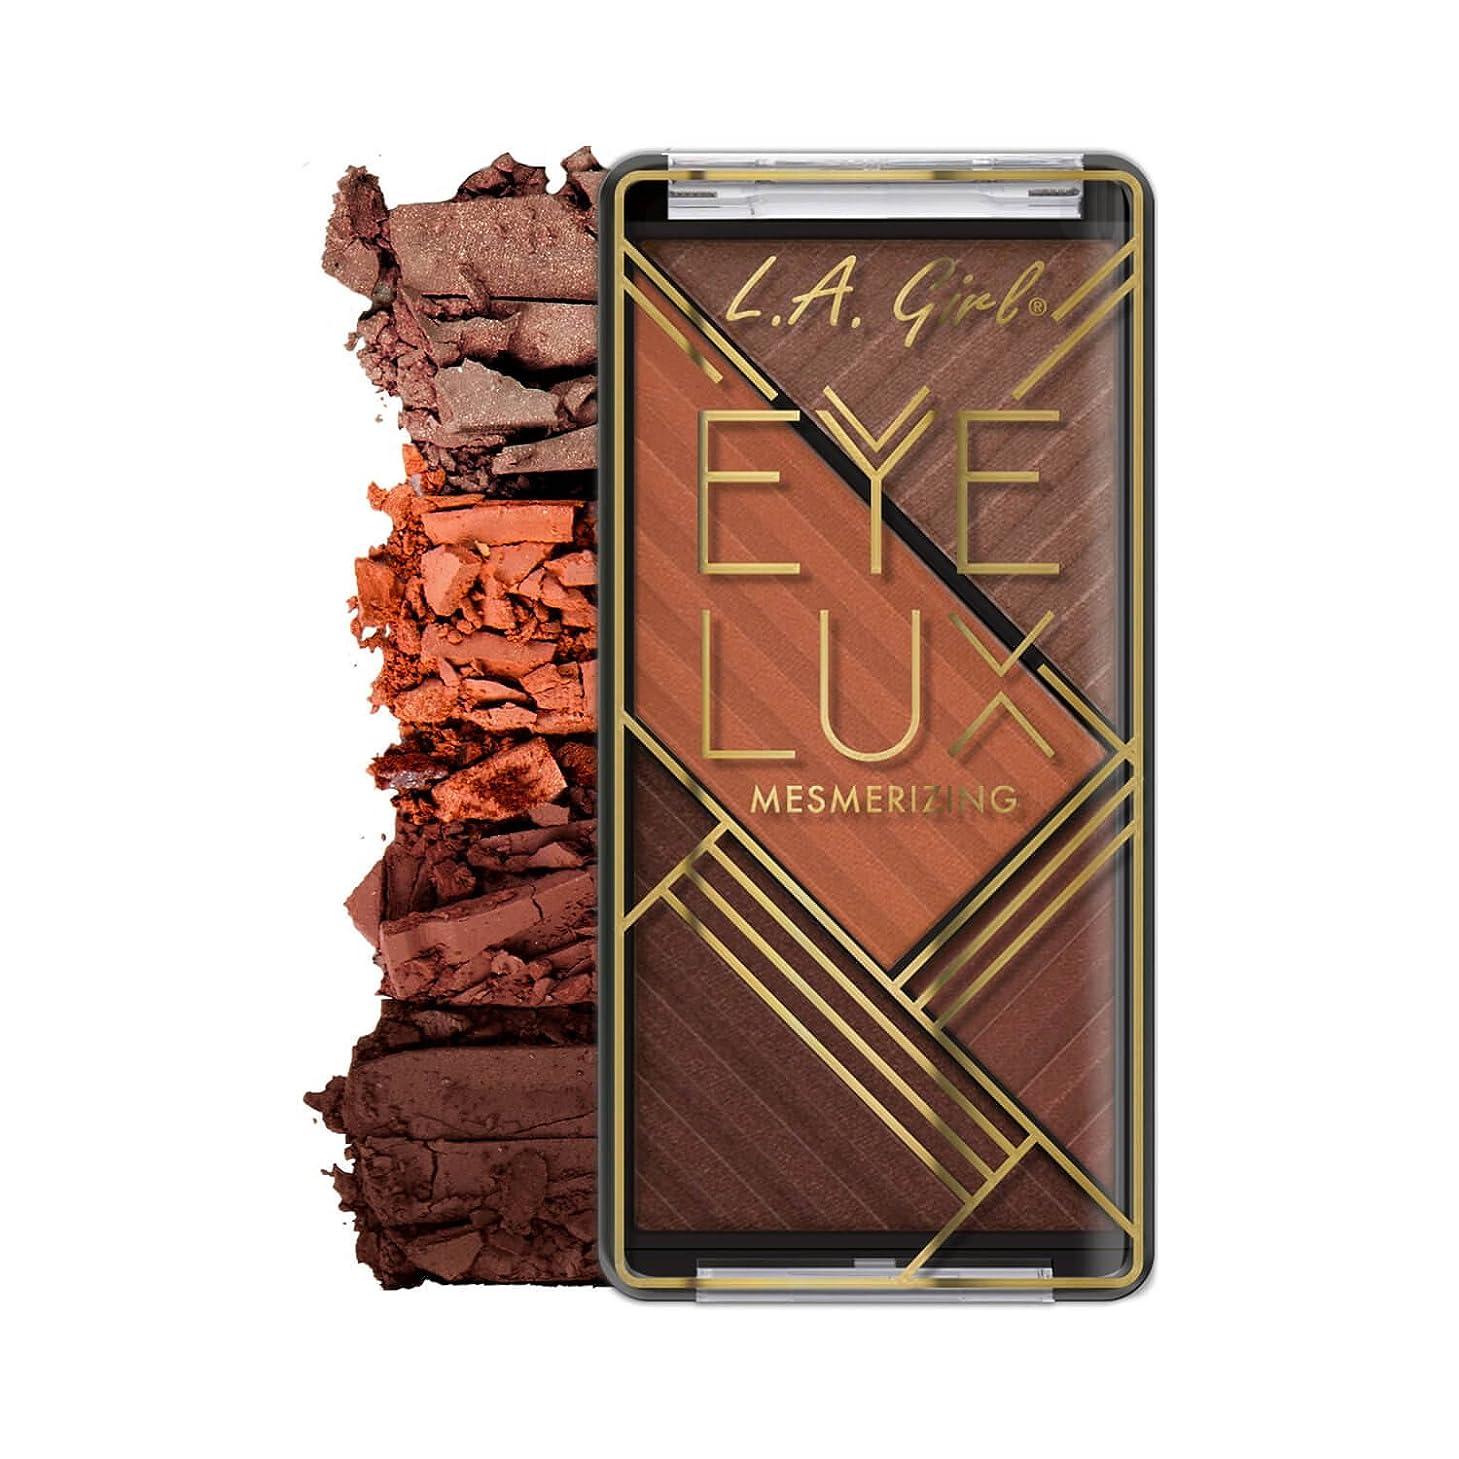 年朝ごはん嫌がらせL.A. GIRL Eye Lux Mesmerizing Eyeshadow - Energize (並行輸入品)